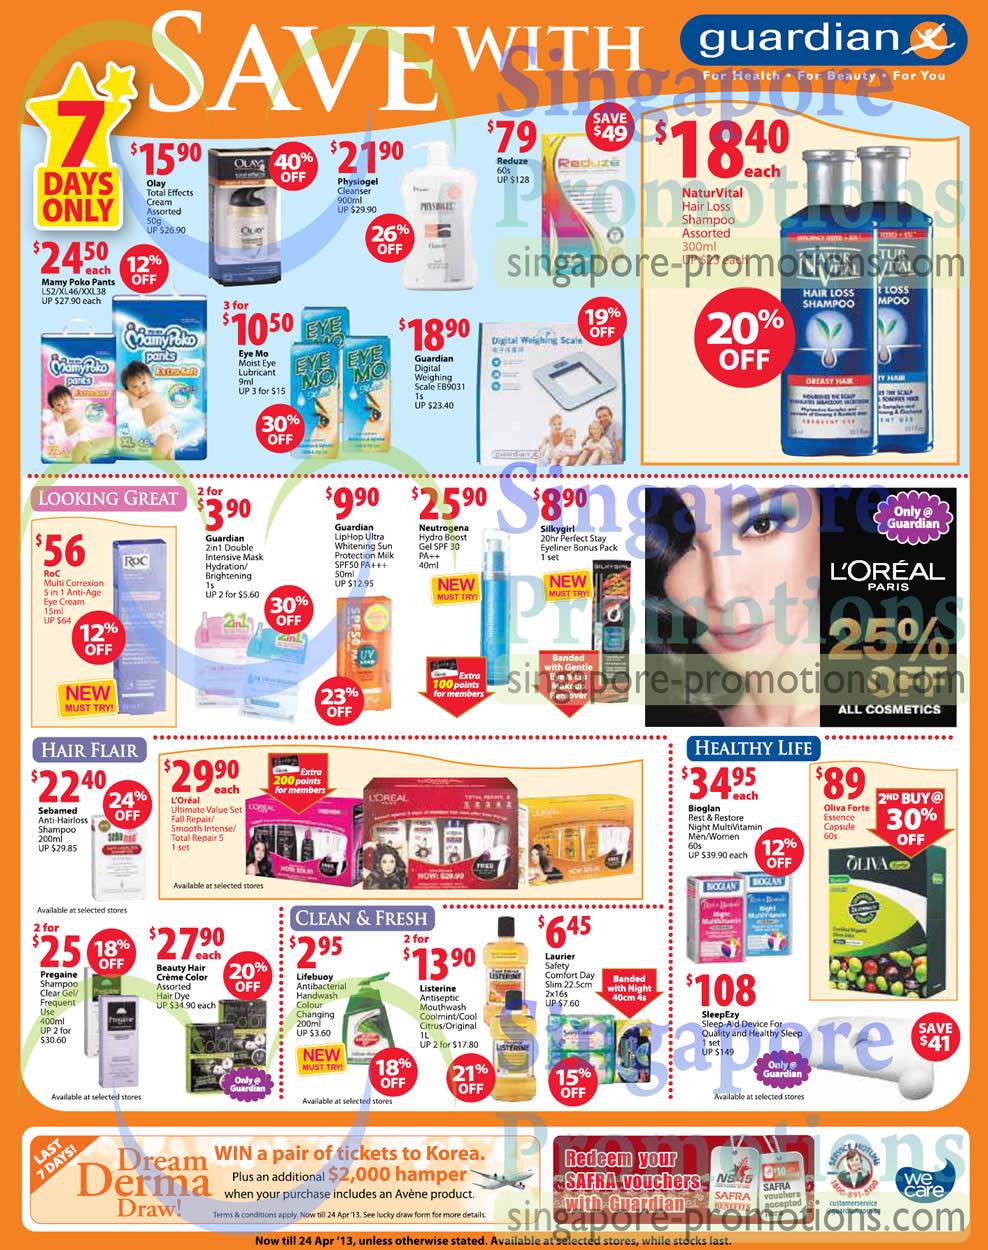 7 Day Deals Reduze, RoC Multi Correxion Anti-Age Eye Cream, Bioglan Rest n Restore Night MultiVitamin MenWomen, Oliva Forte Essence